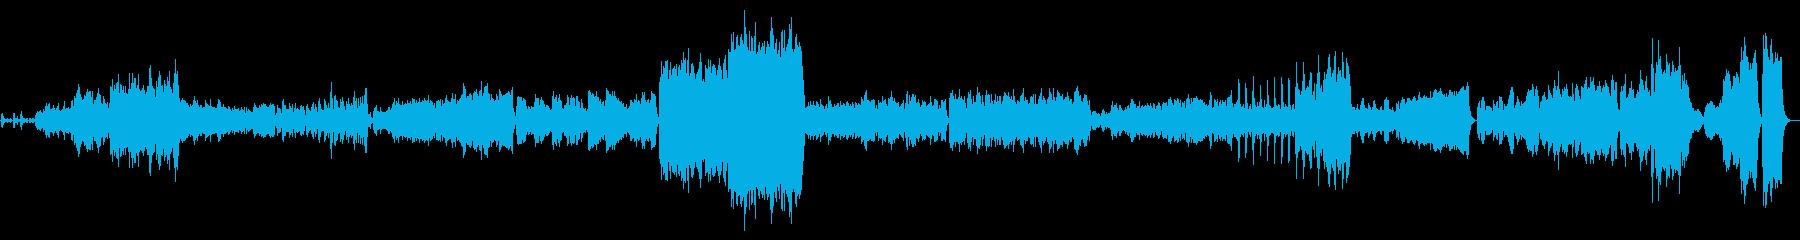 バロックのフォリアをオーケストラにの再生済みの波形